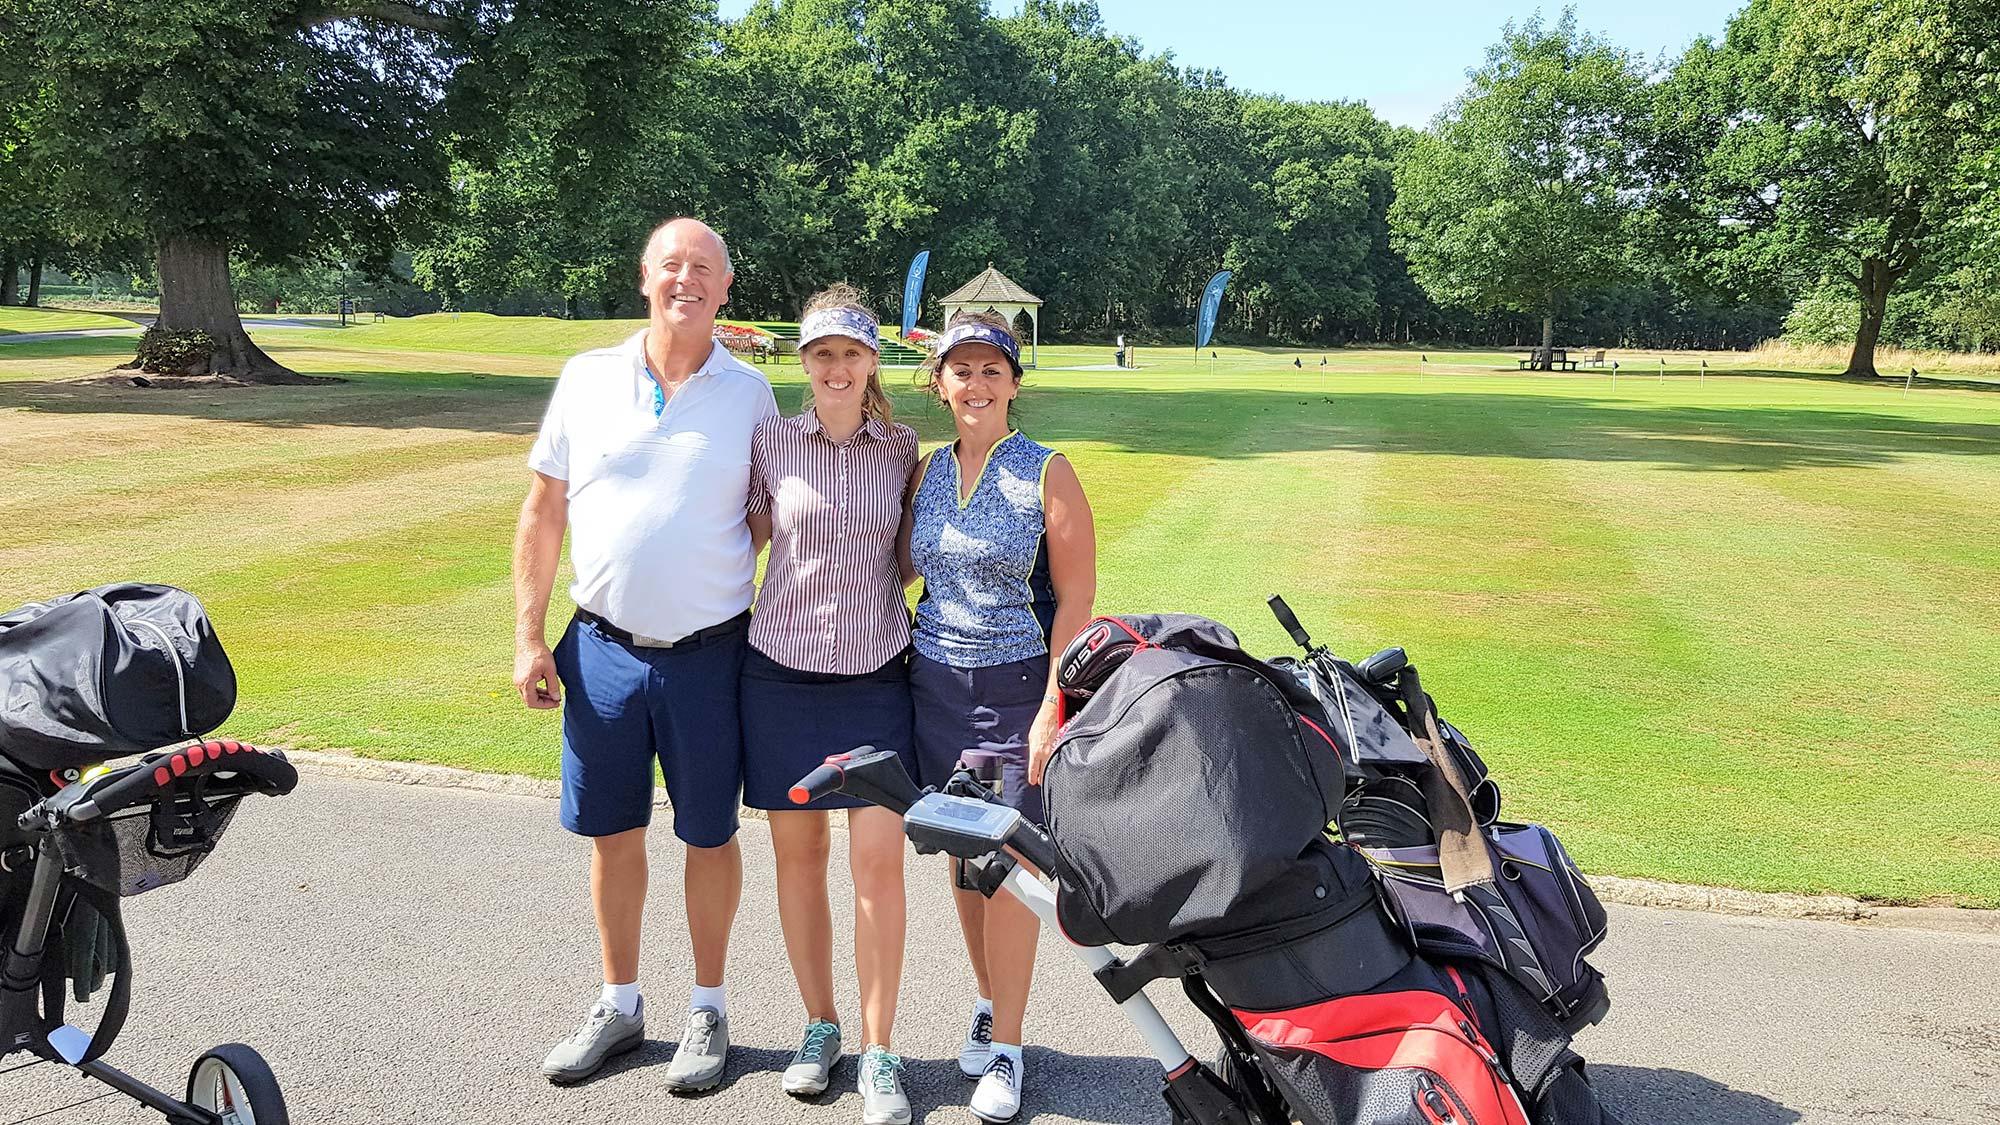 Prestigious Venues Golf Day 2019, 41